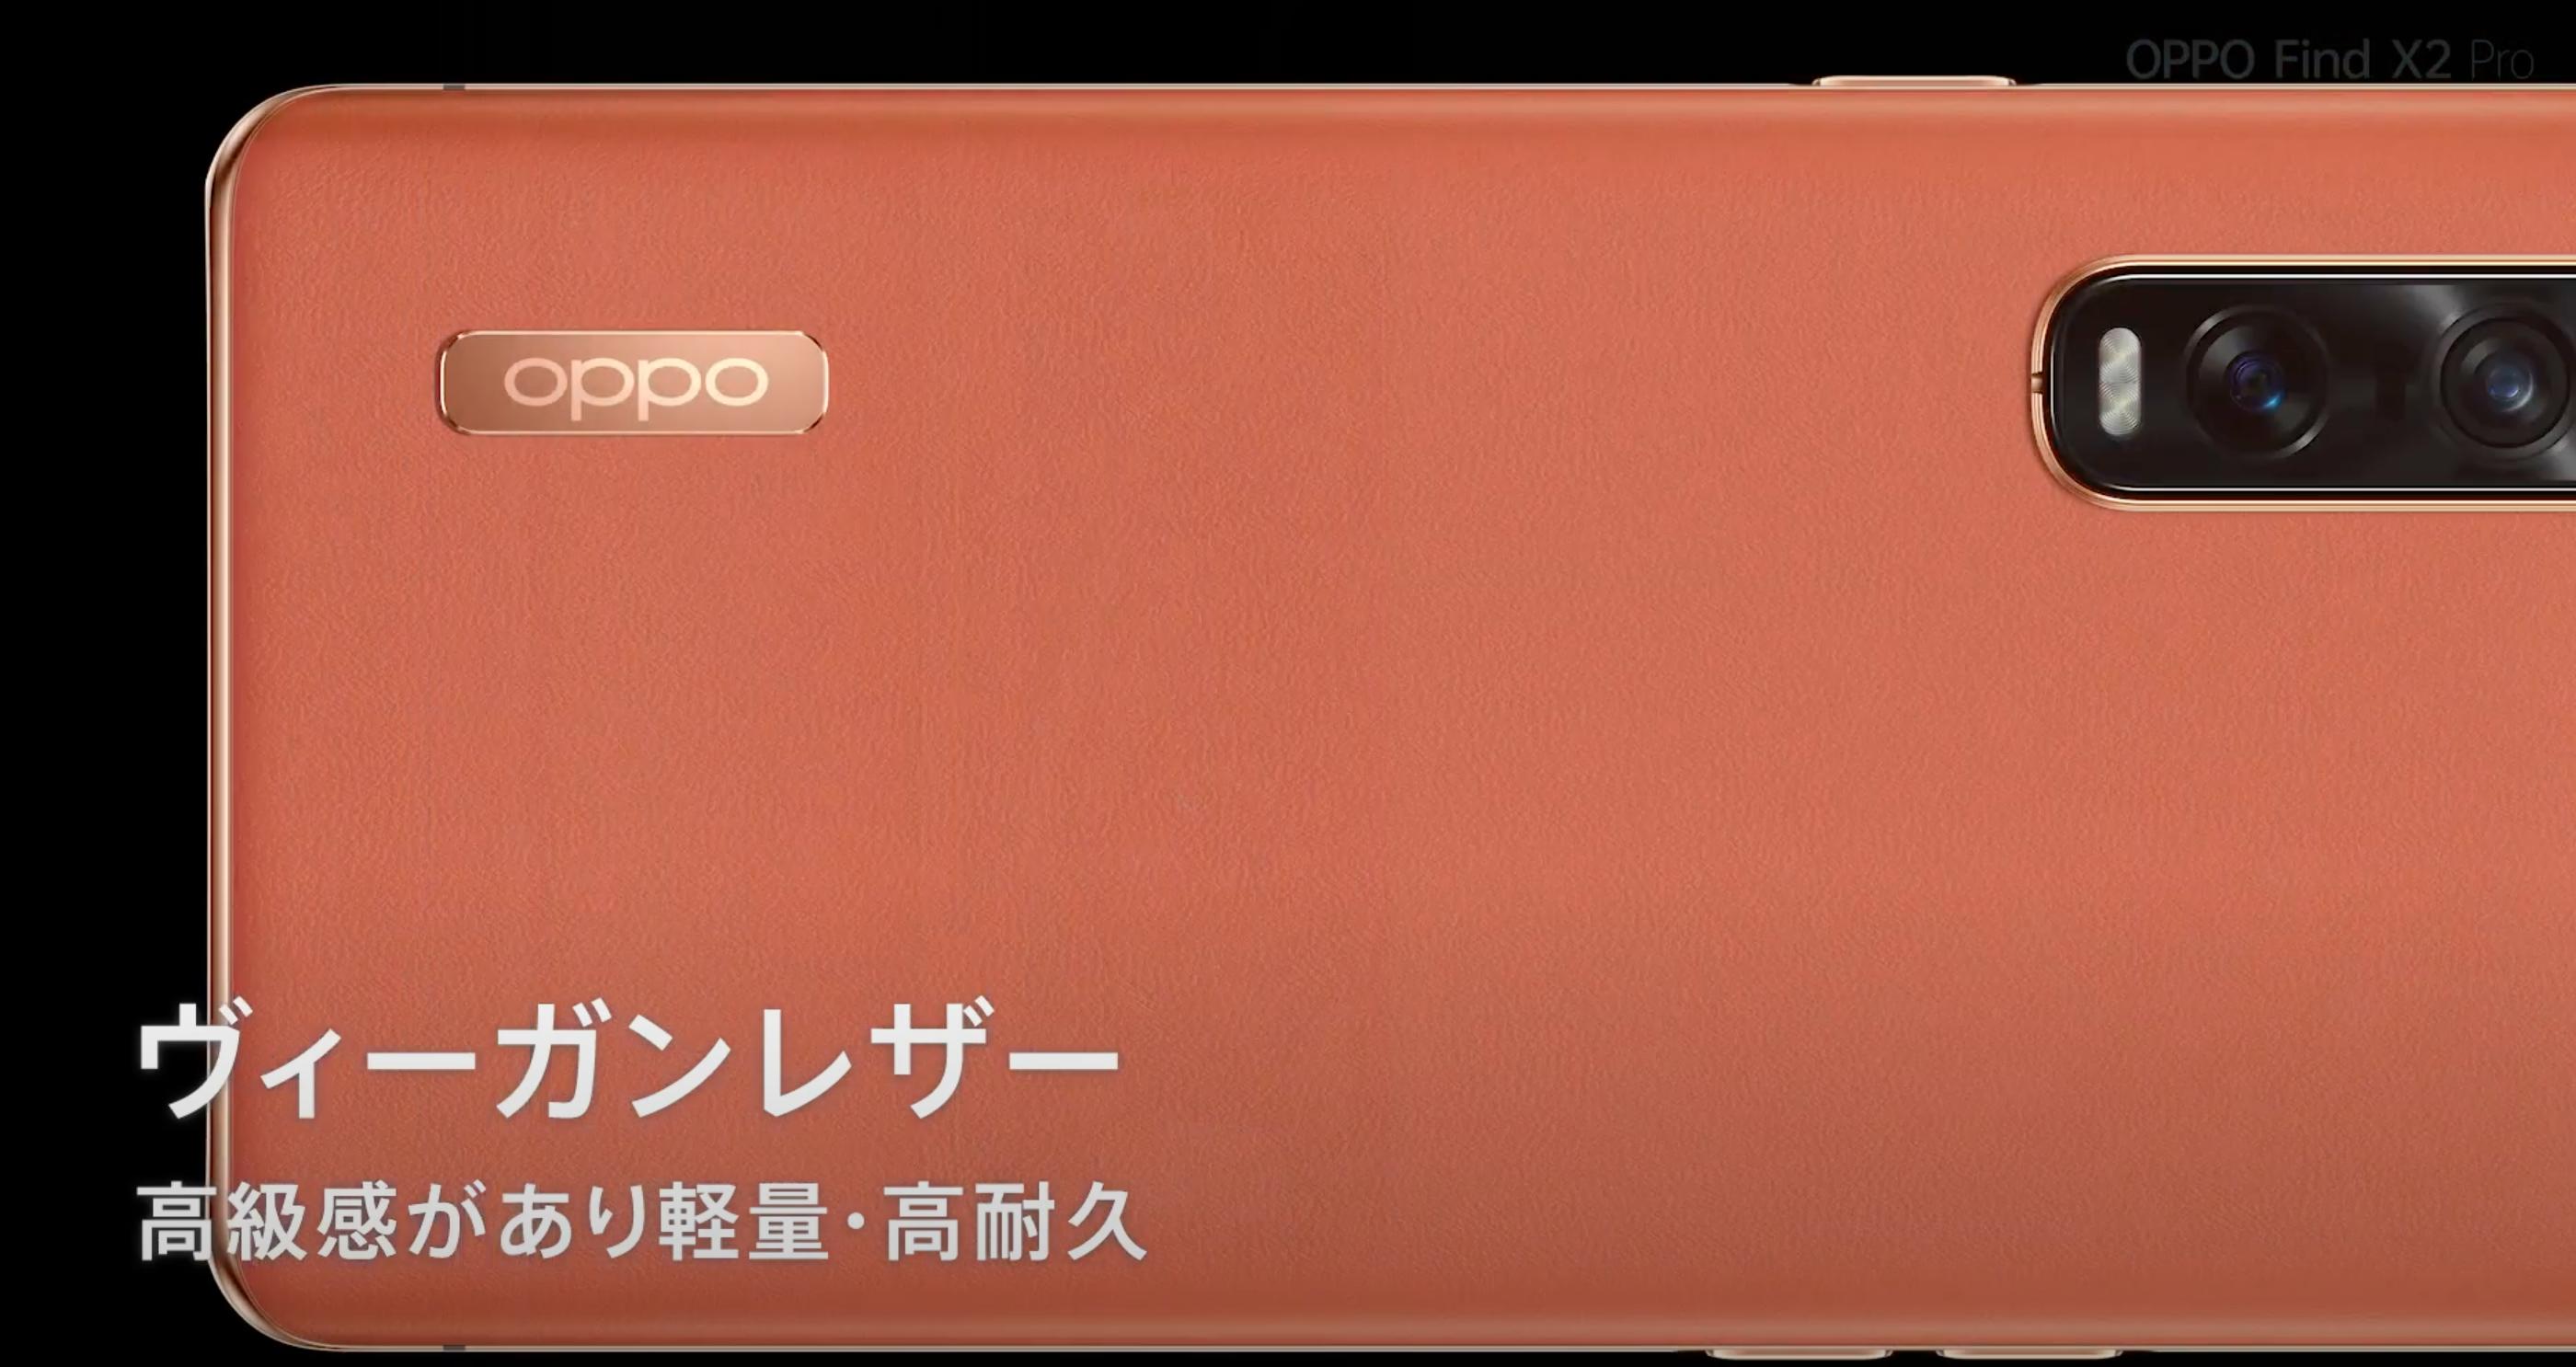 f:id:Azusa_Hirano:20200717193340p:plain